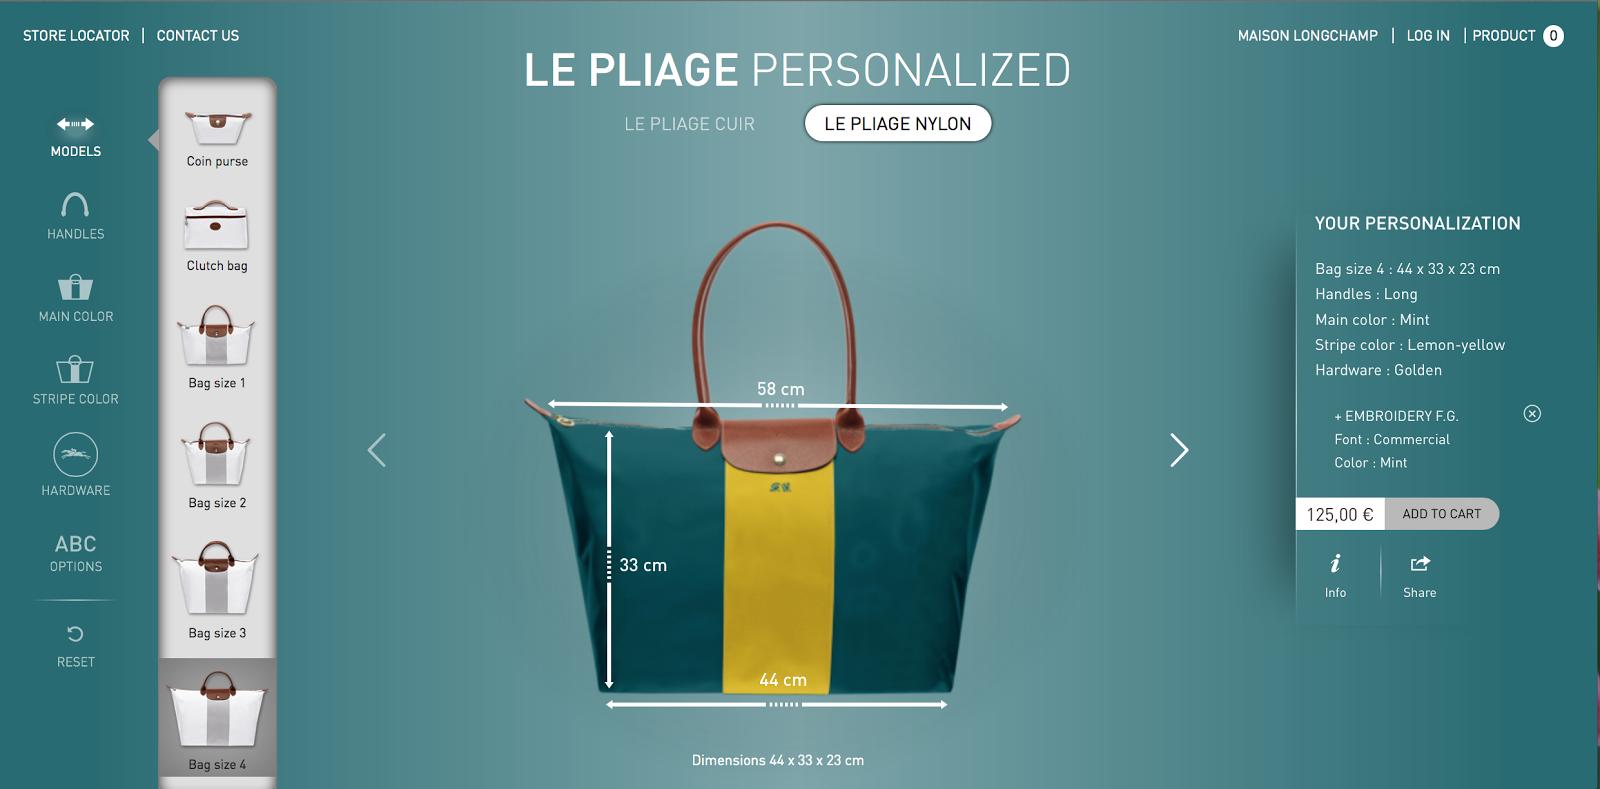 Foto della borsa di Longchamps